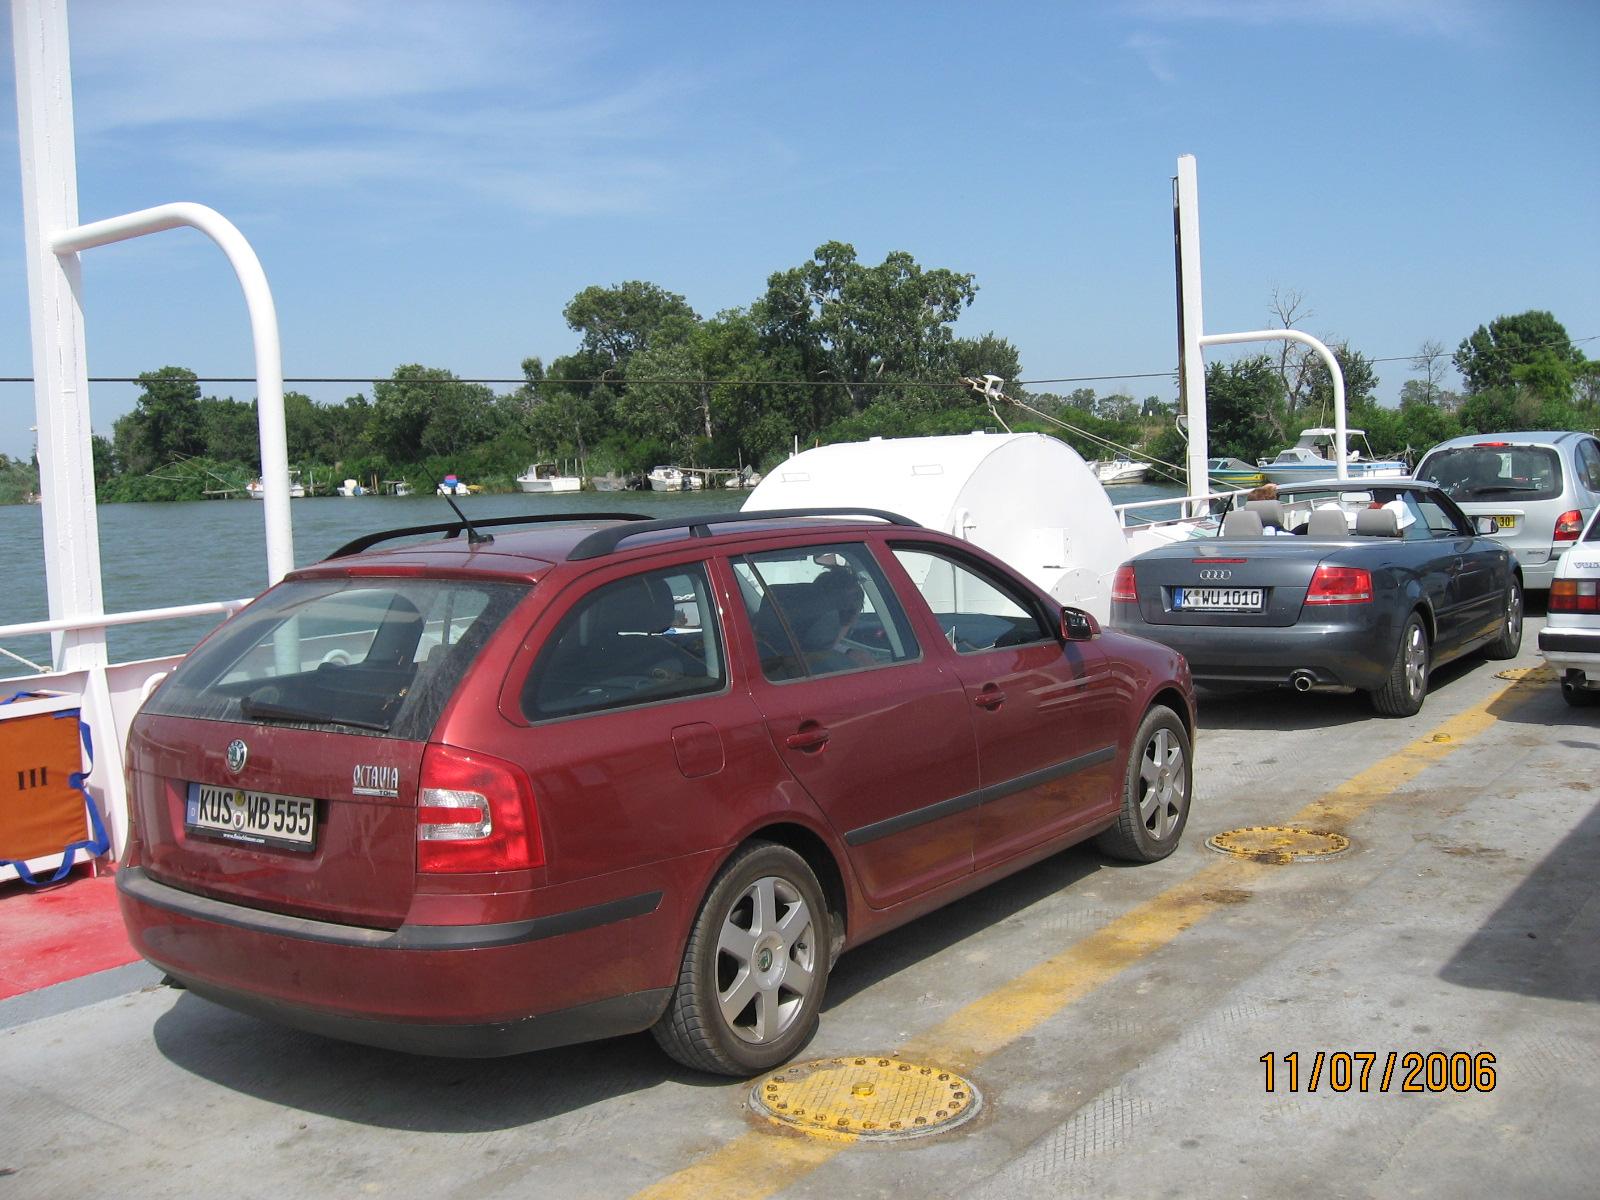 Im Frankreich Urlaub auf einer Autofähre irgendwo in der Camargue. Die Überfahrt mit dem Auto war kostenlos!